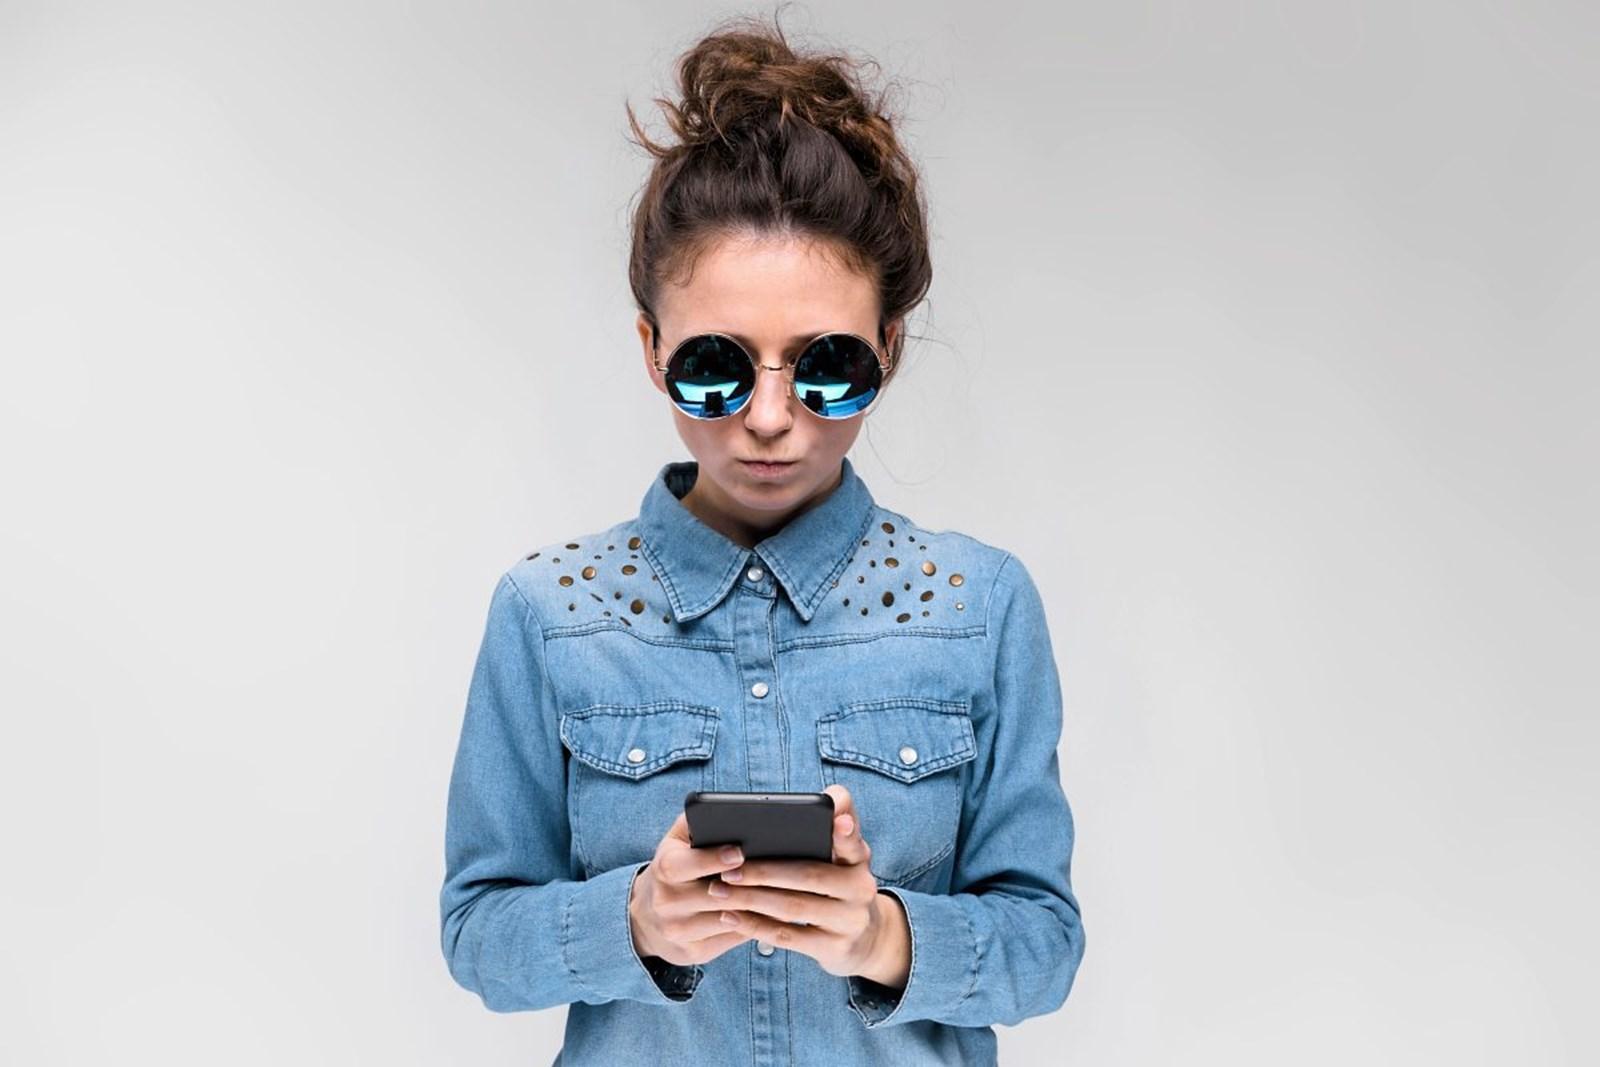 Anders strebern: Zum Einserschüler mit Snapchat und Co